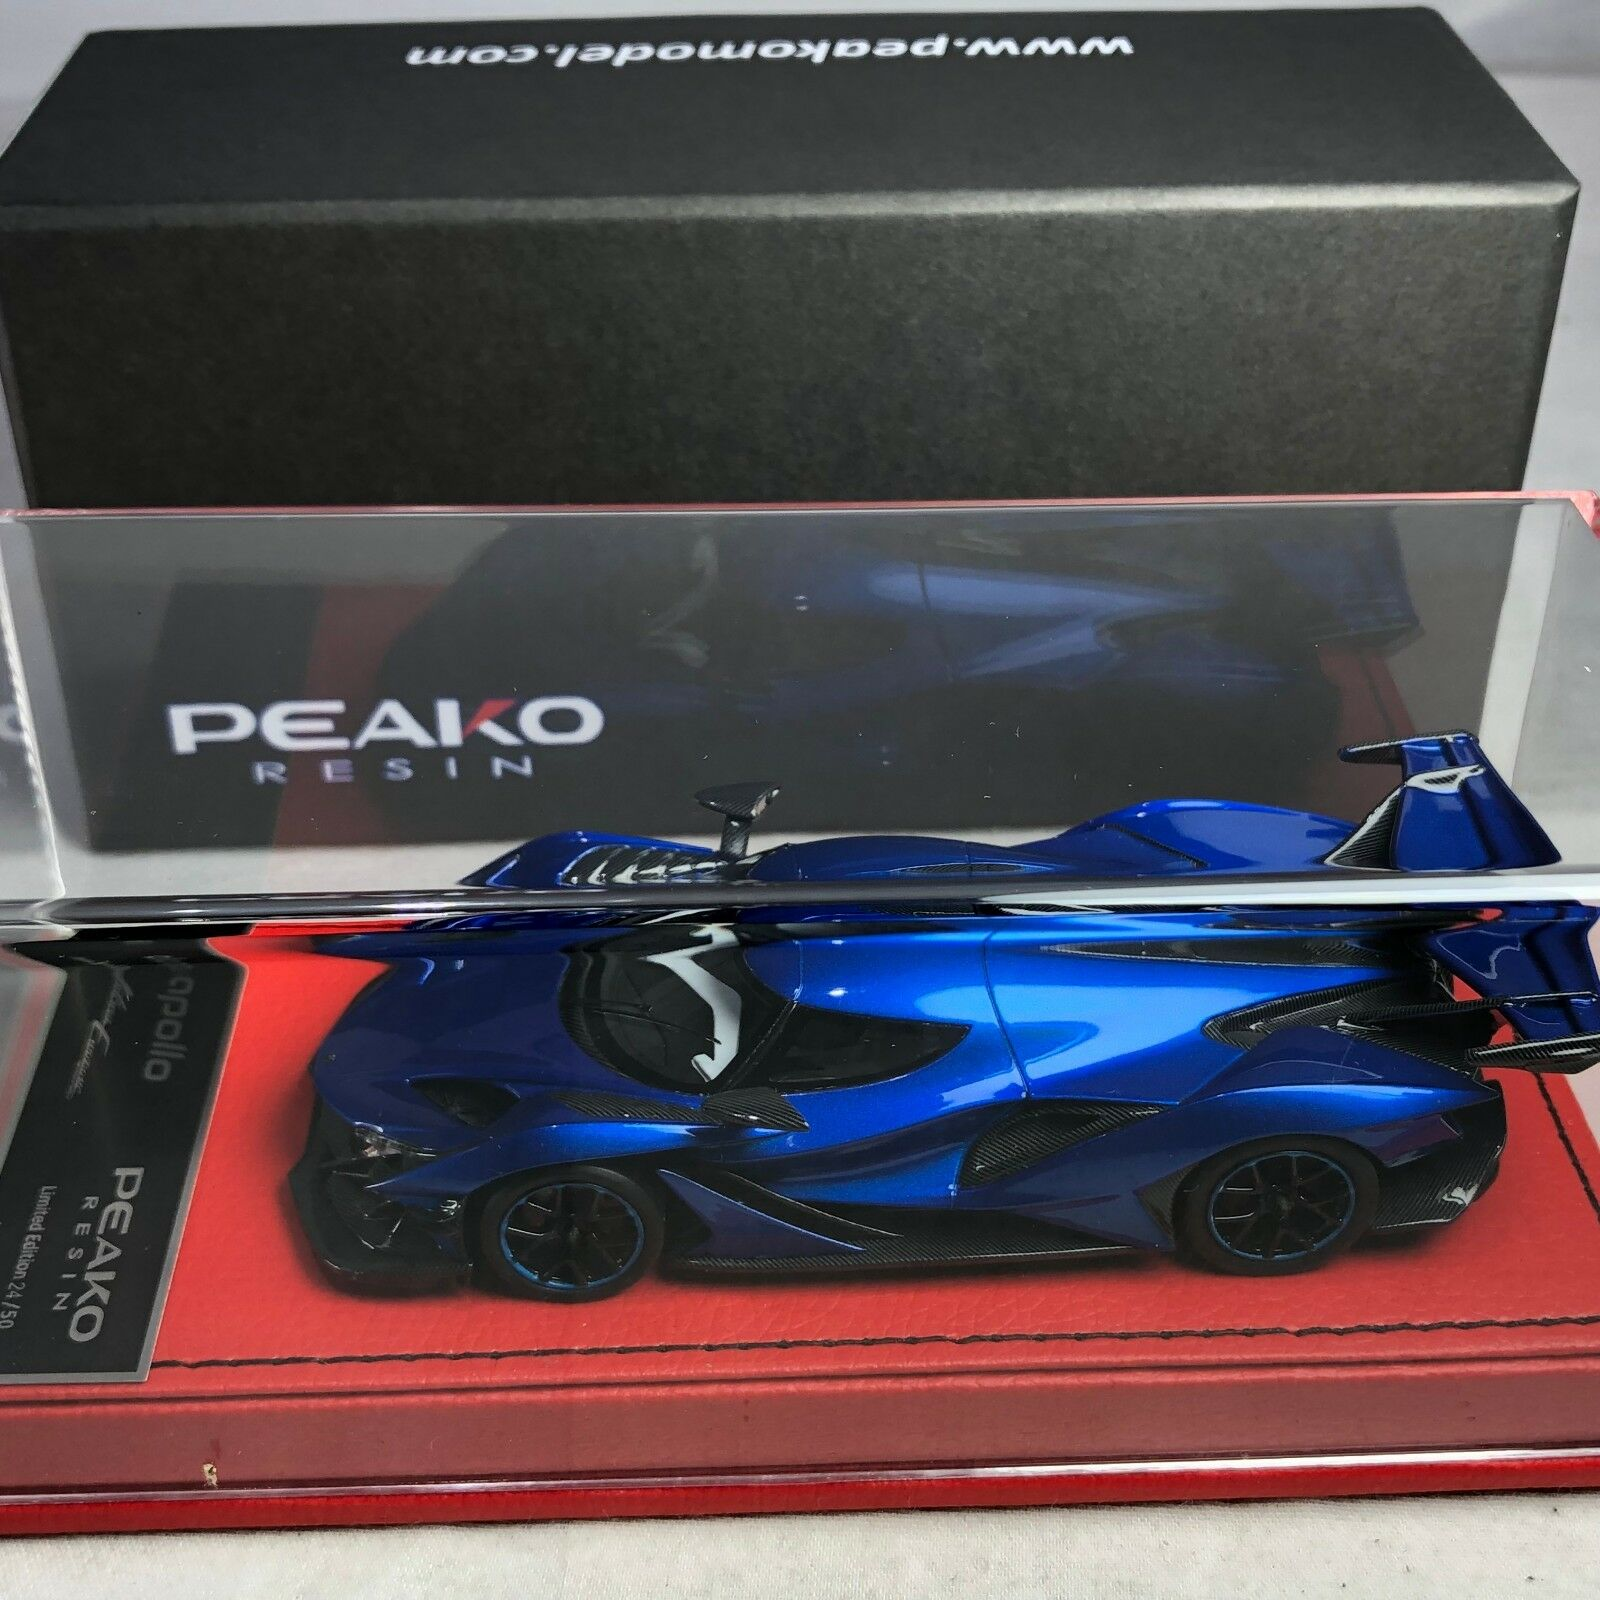 1 43 Scale Peako Model Apollo IE bleu Met Ltd  50 pcs  prix bas tous les jours